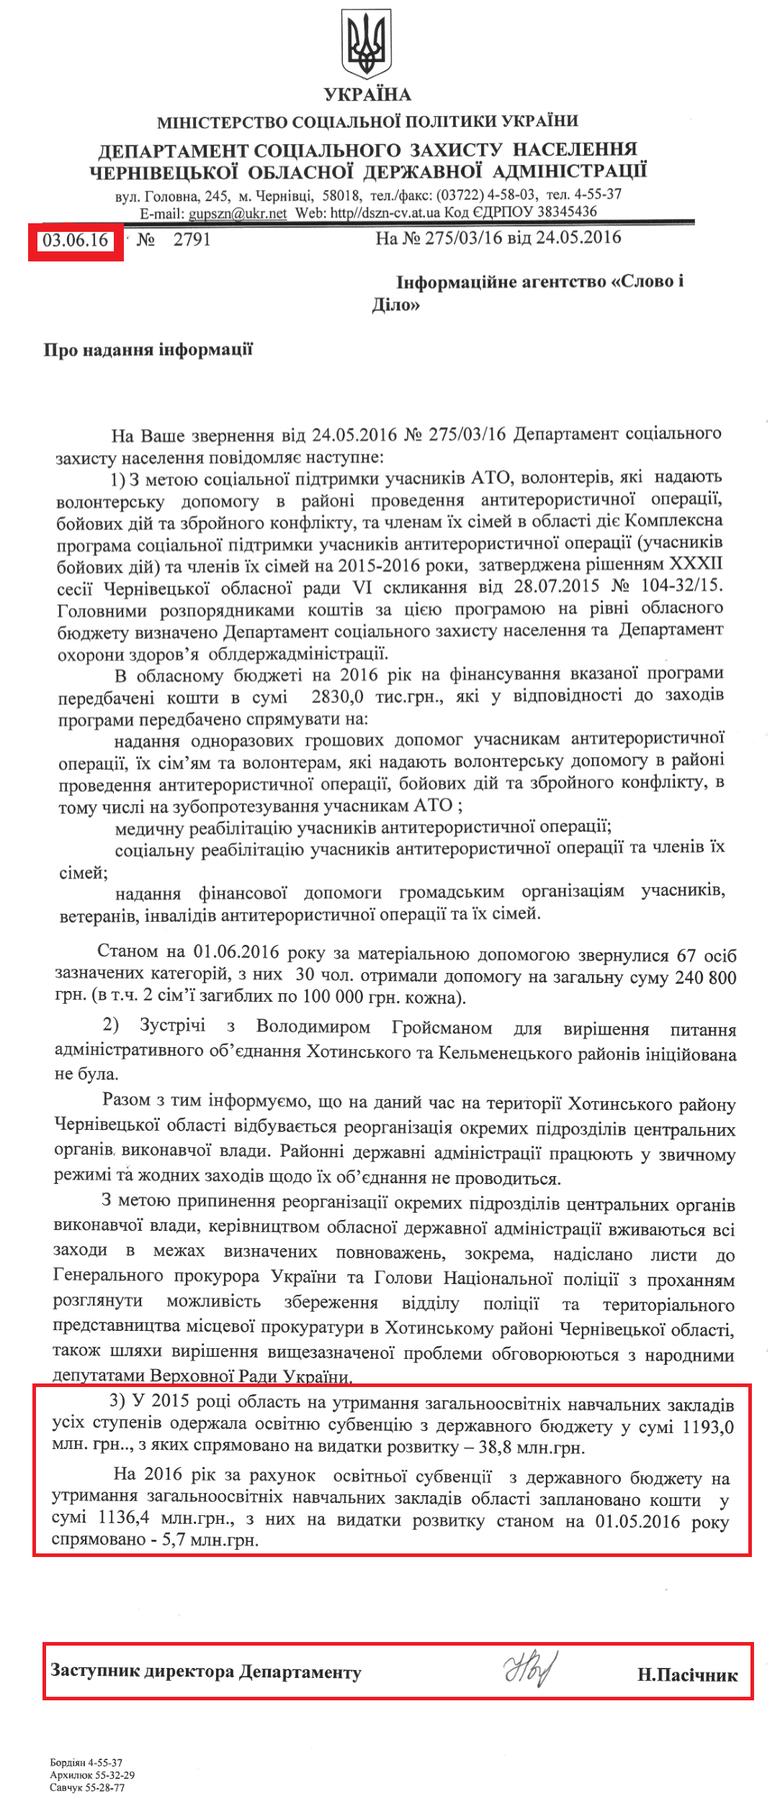 Голова Чернівецької обласної державної адміністрації Олександр Фищук не виконав свою обіцянку щодо виділення 86 мільйонів гривень на розвиток обласної освіти.